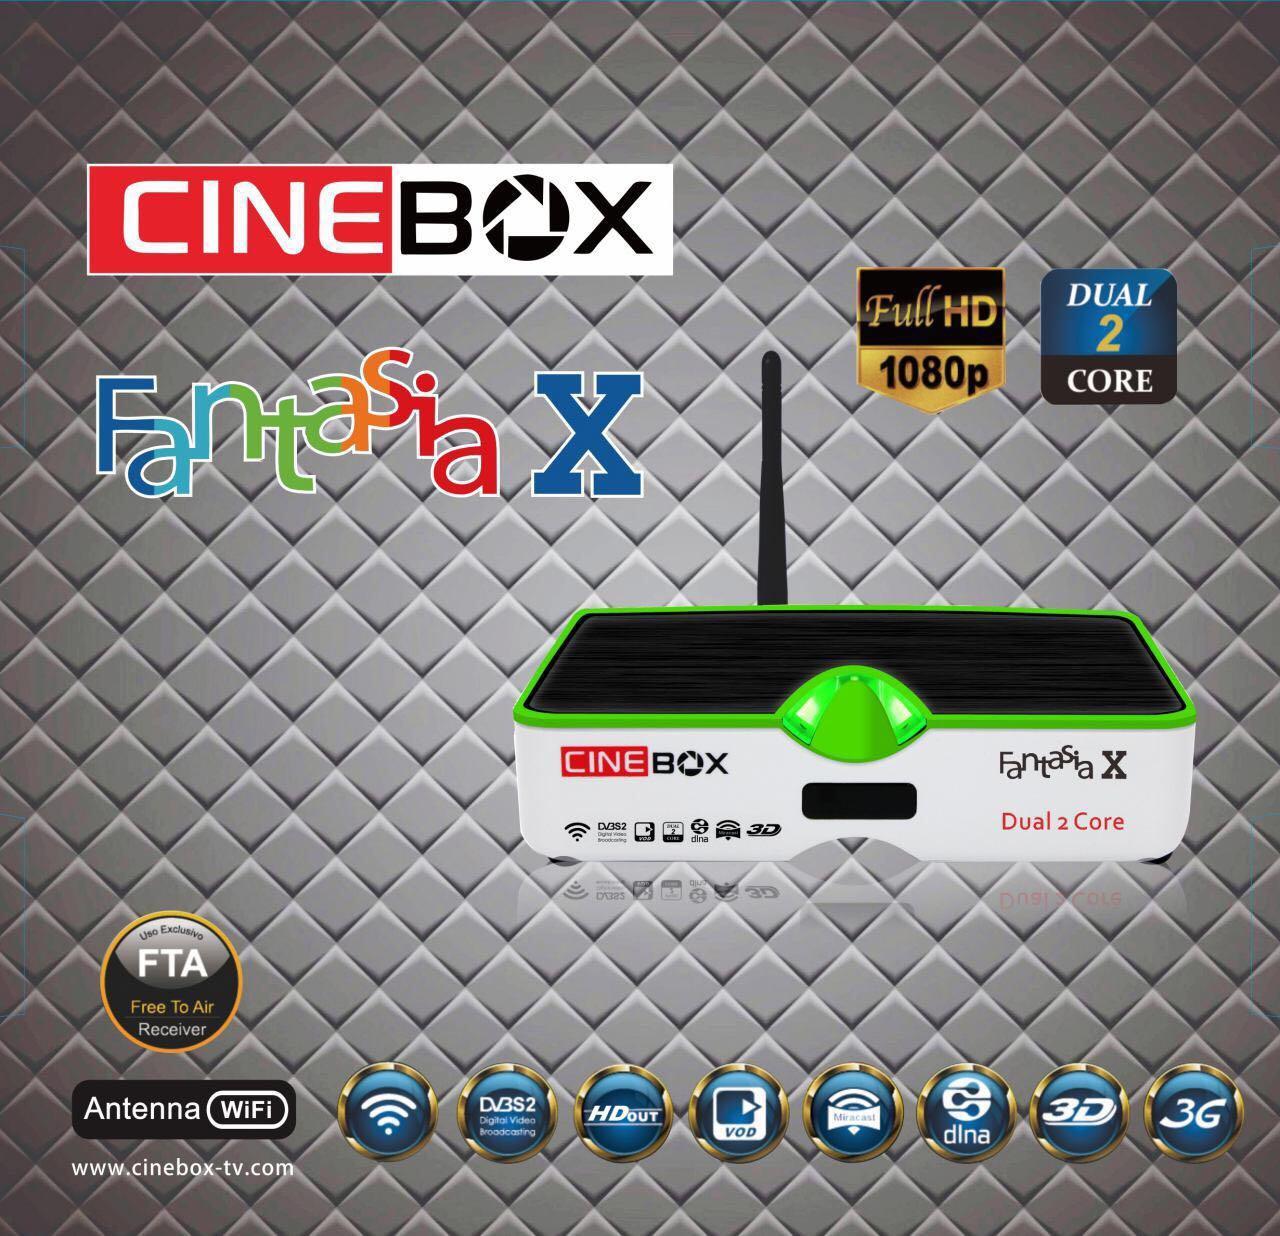 تحديثات بالجملة لأجهزة cinebox hd